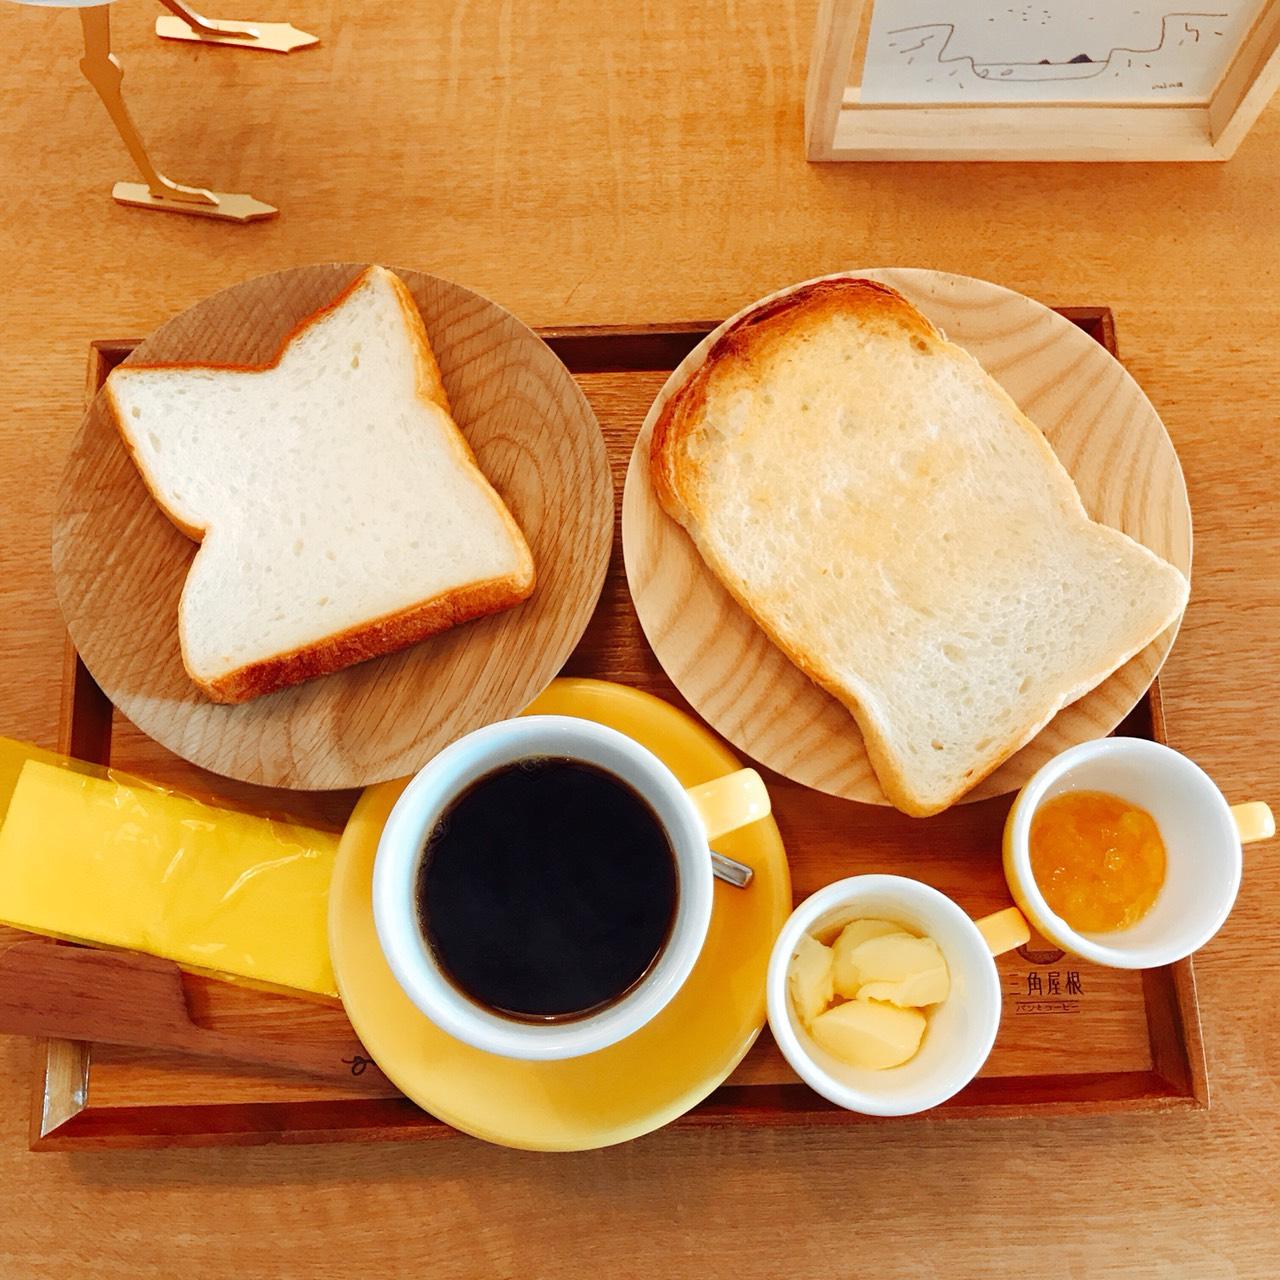 三角屋根のパンとコーヒー。上からの写真。